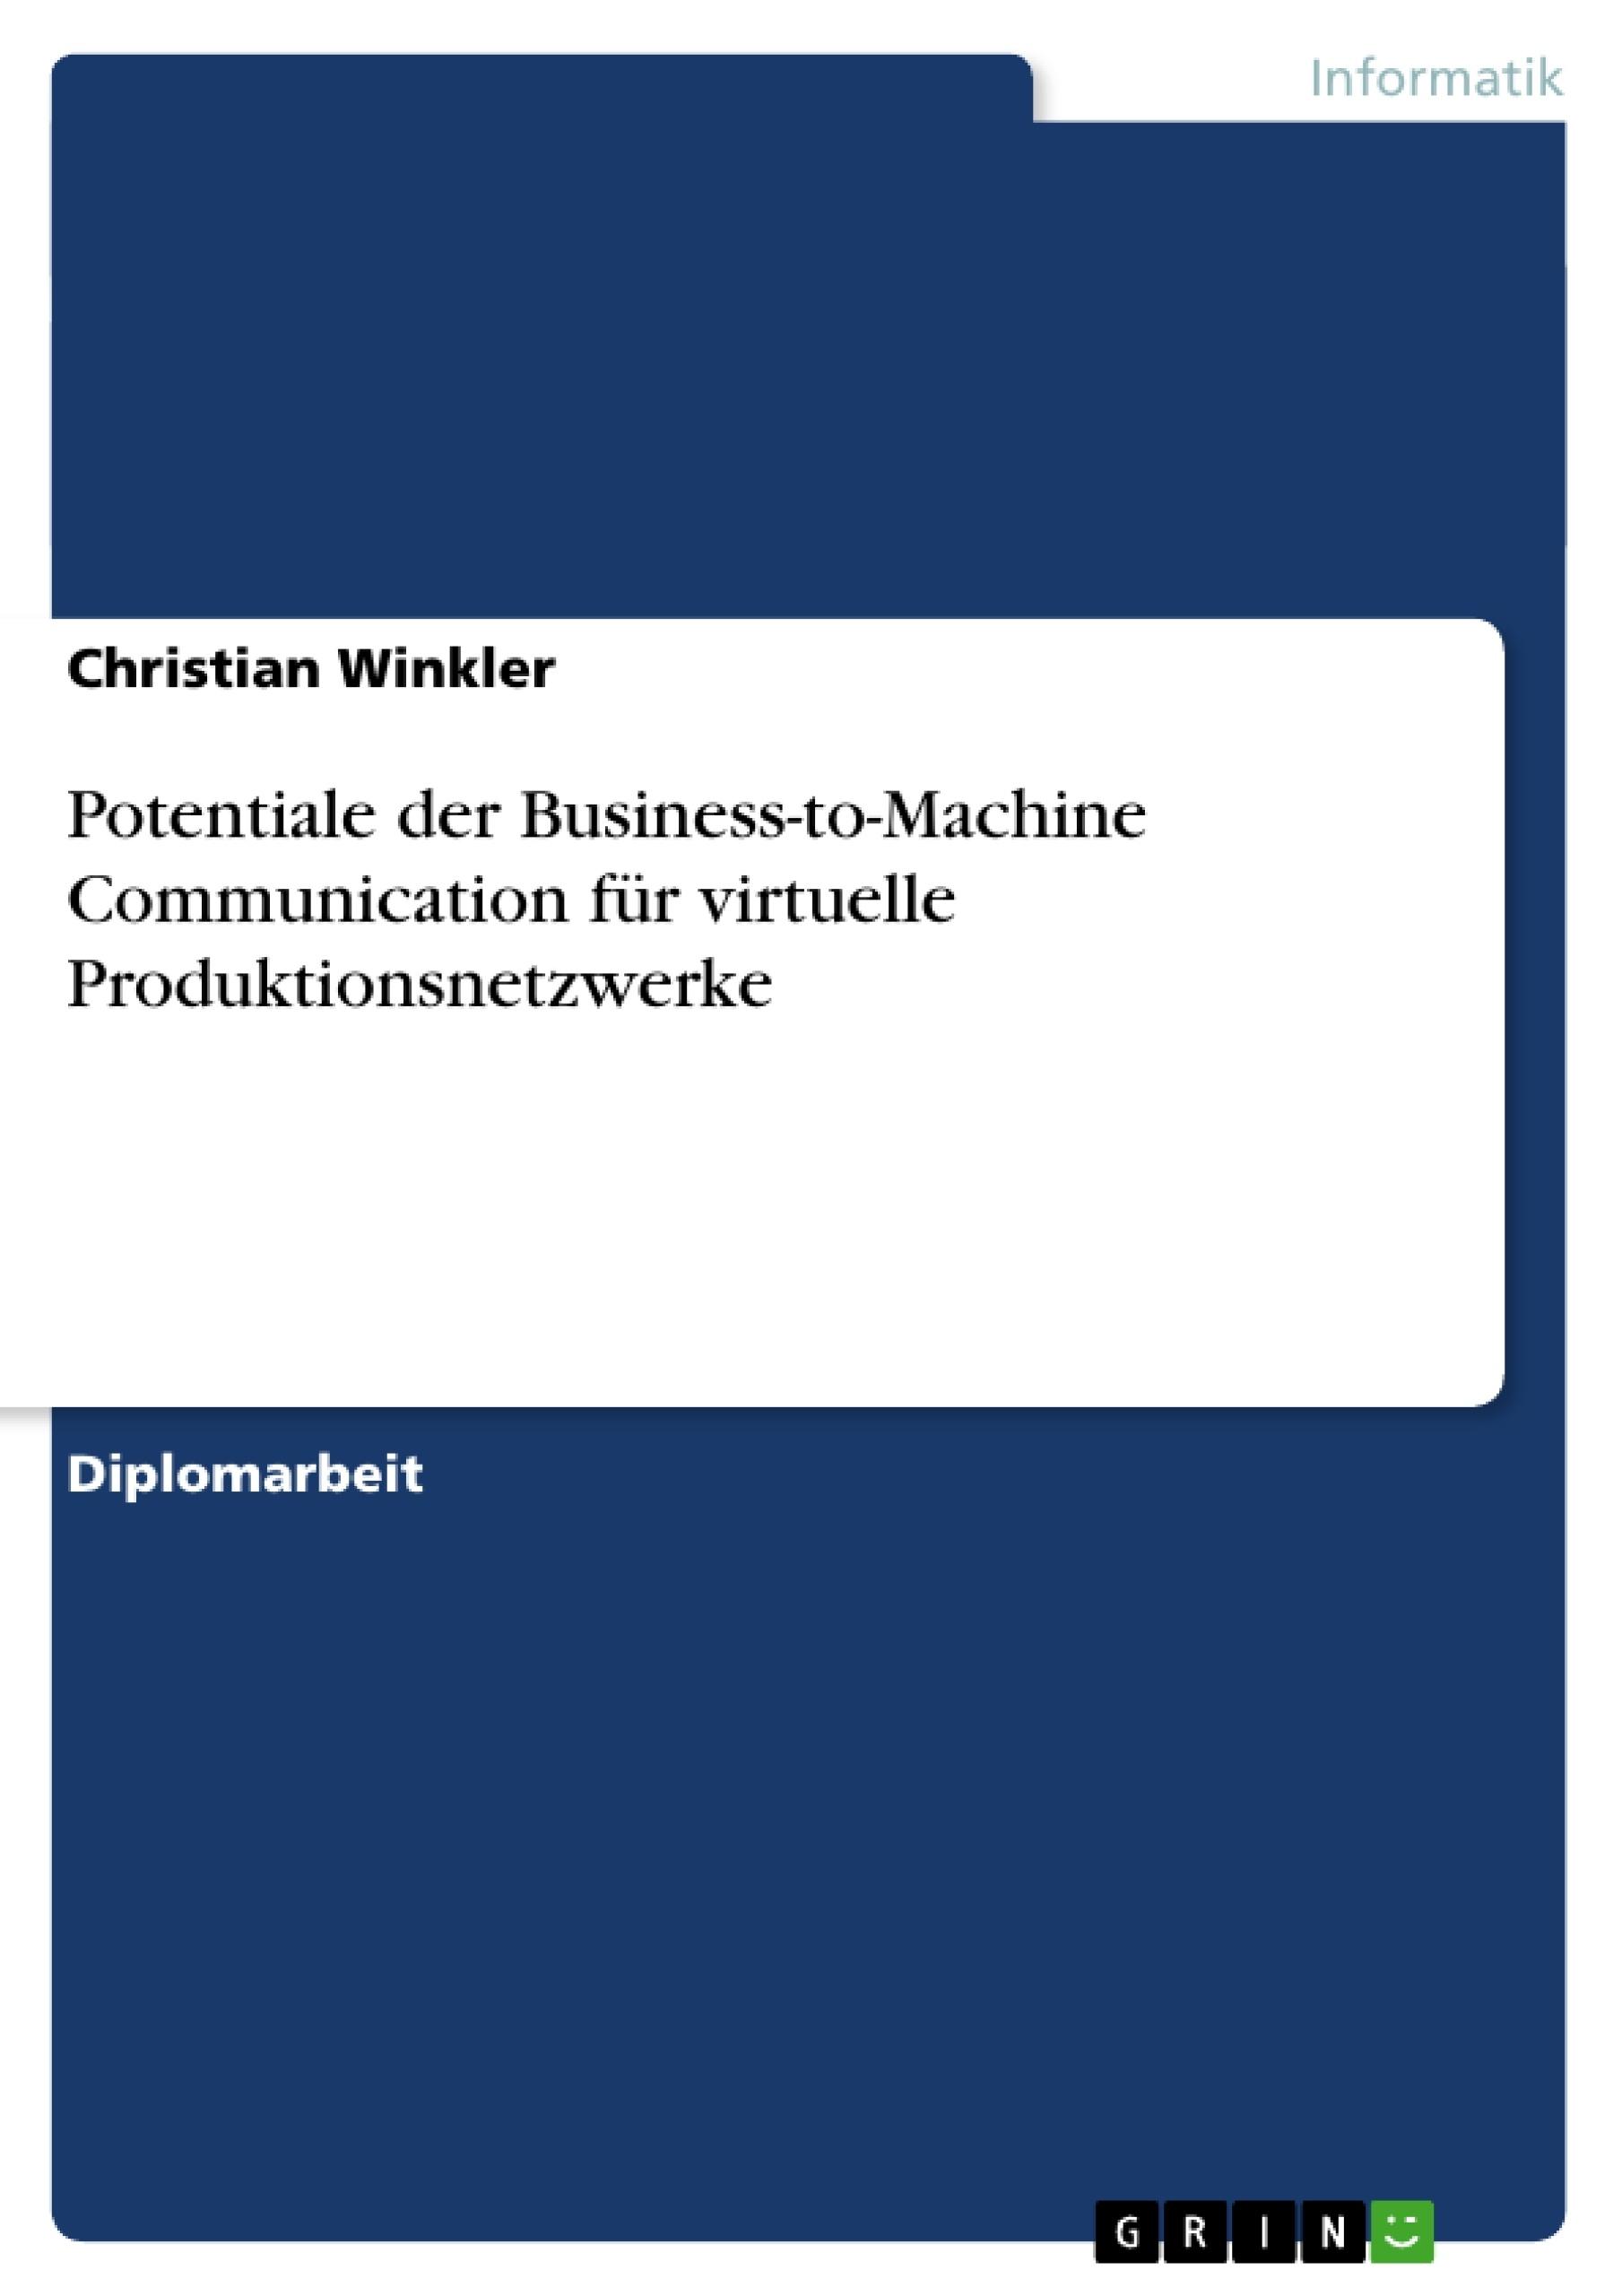 Titel: Potentiale der Business-to-Machine Communication für virtuelle Produktionsnetzwerke